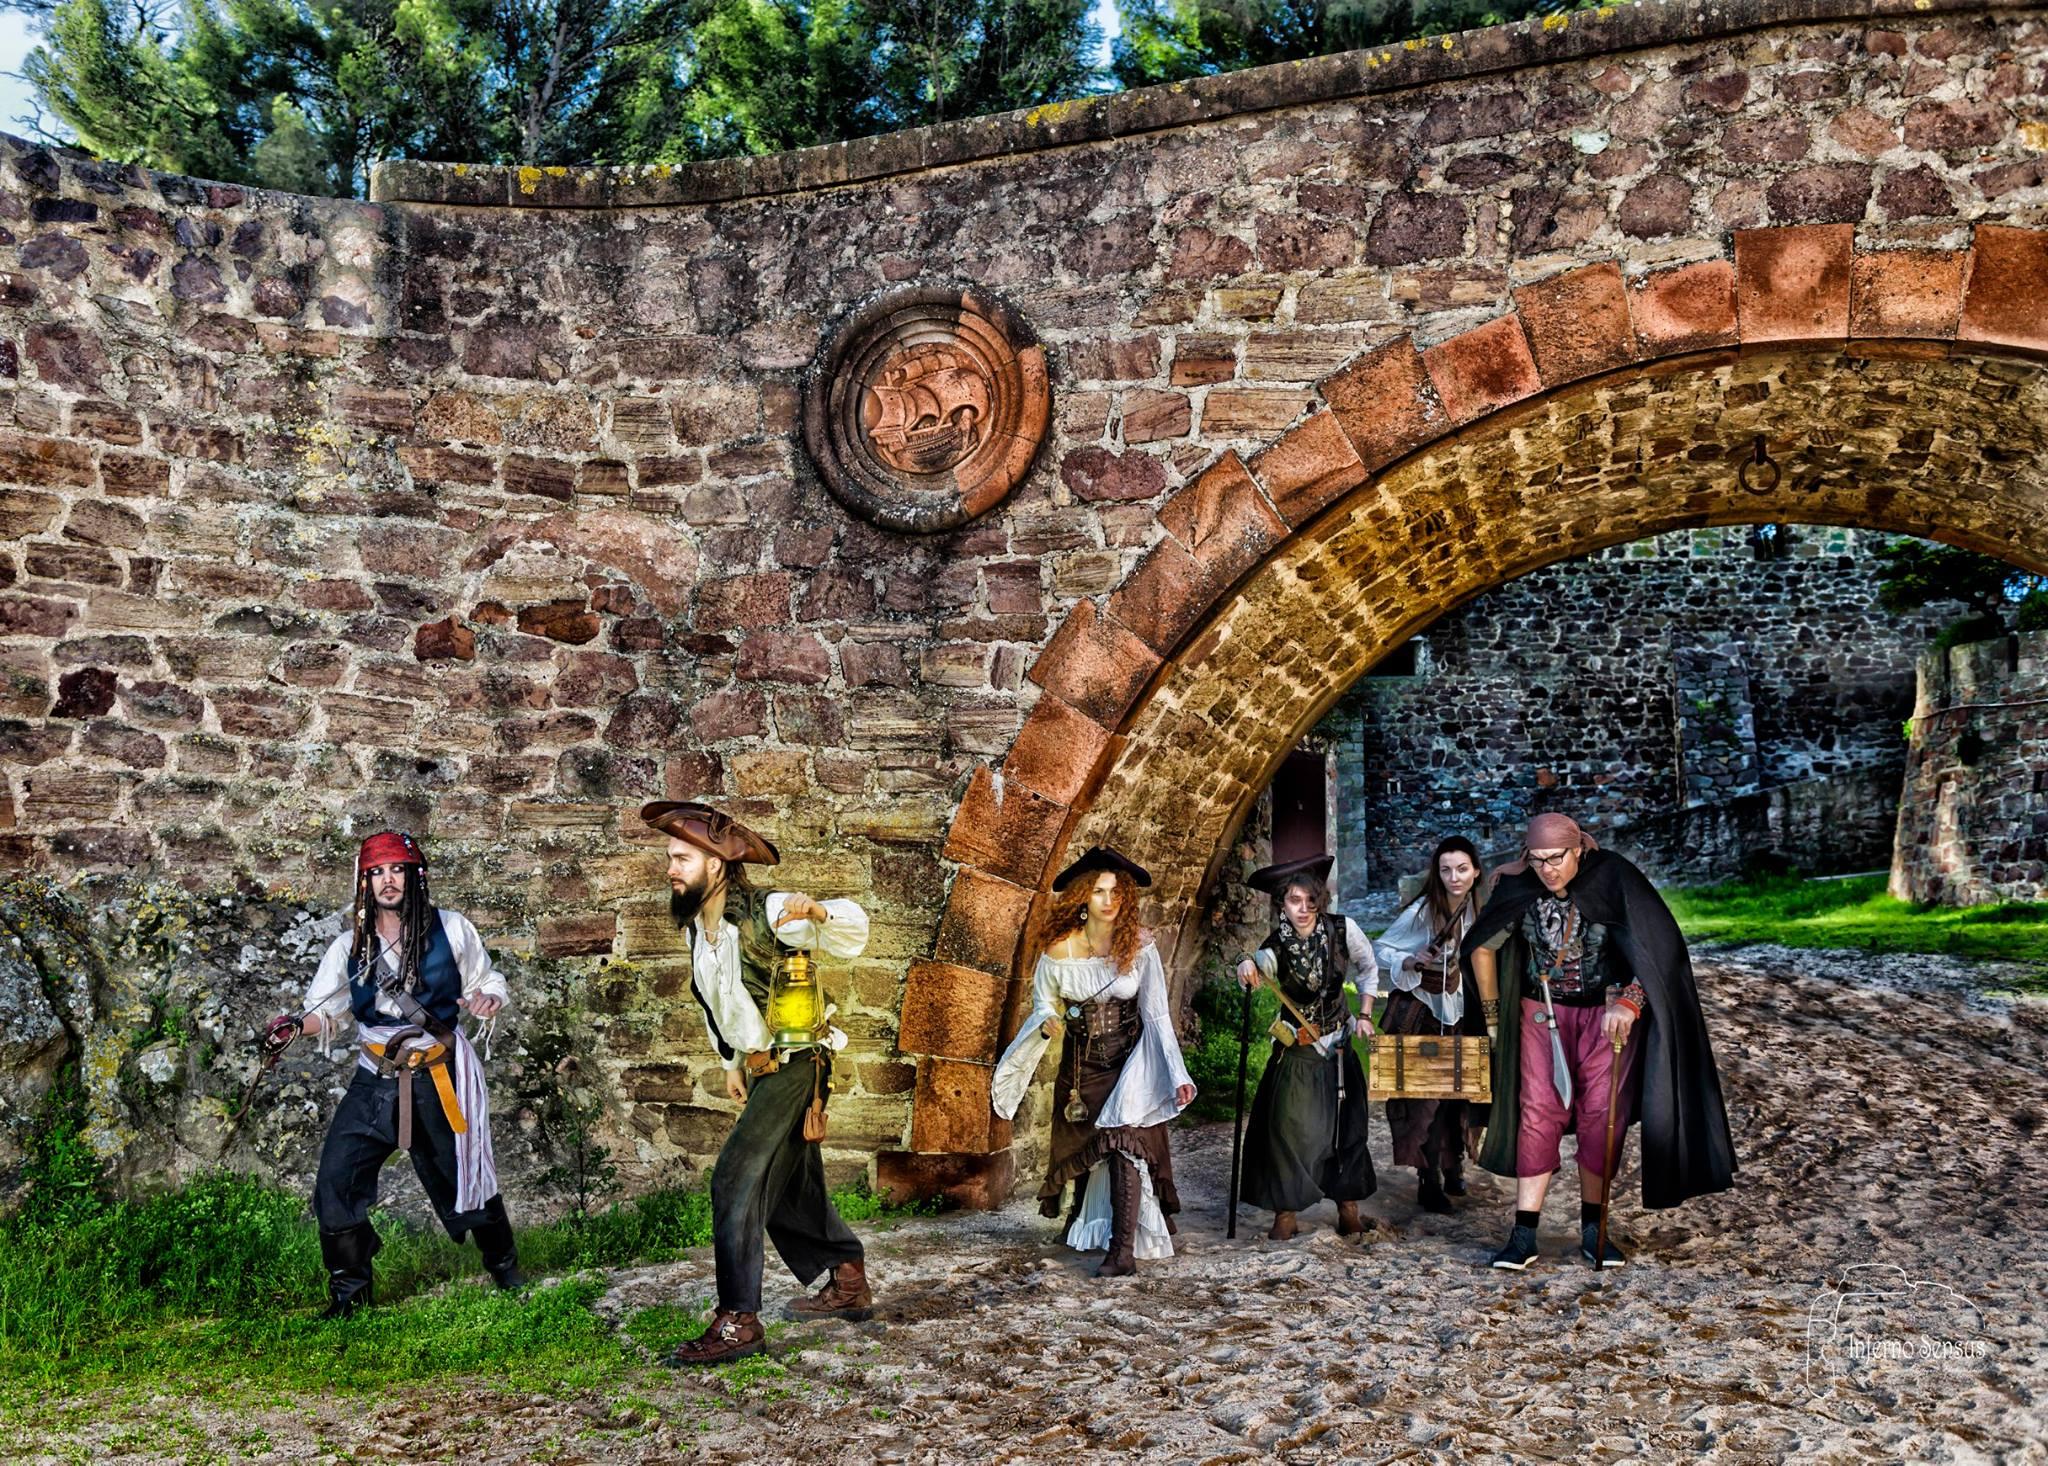 Spectacle de rue et déambulations pirates, déambulation échasses, spectacle pirate, spectacle enfant, spectacle interactif, jongleur, magiciens, pirate, pirates sur échasses, déambulations pirates, compagnie de pirate, équipage de pirates